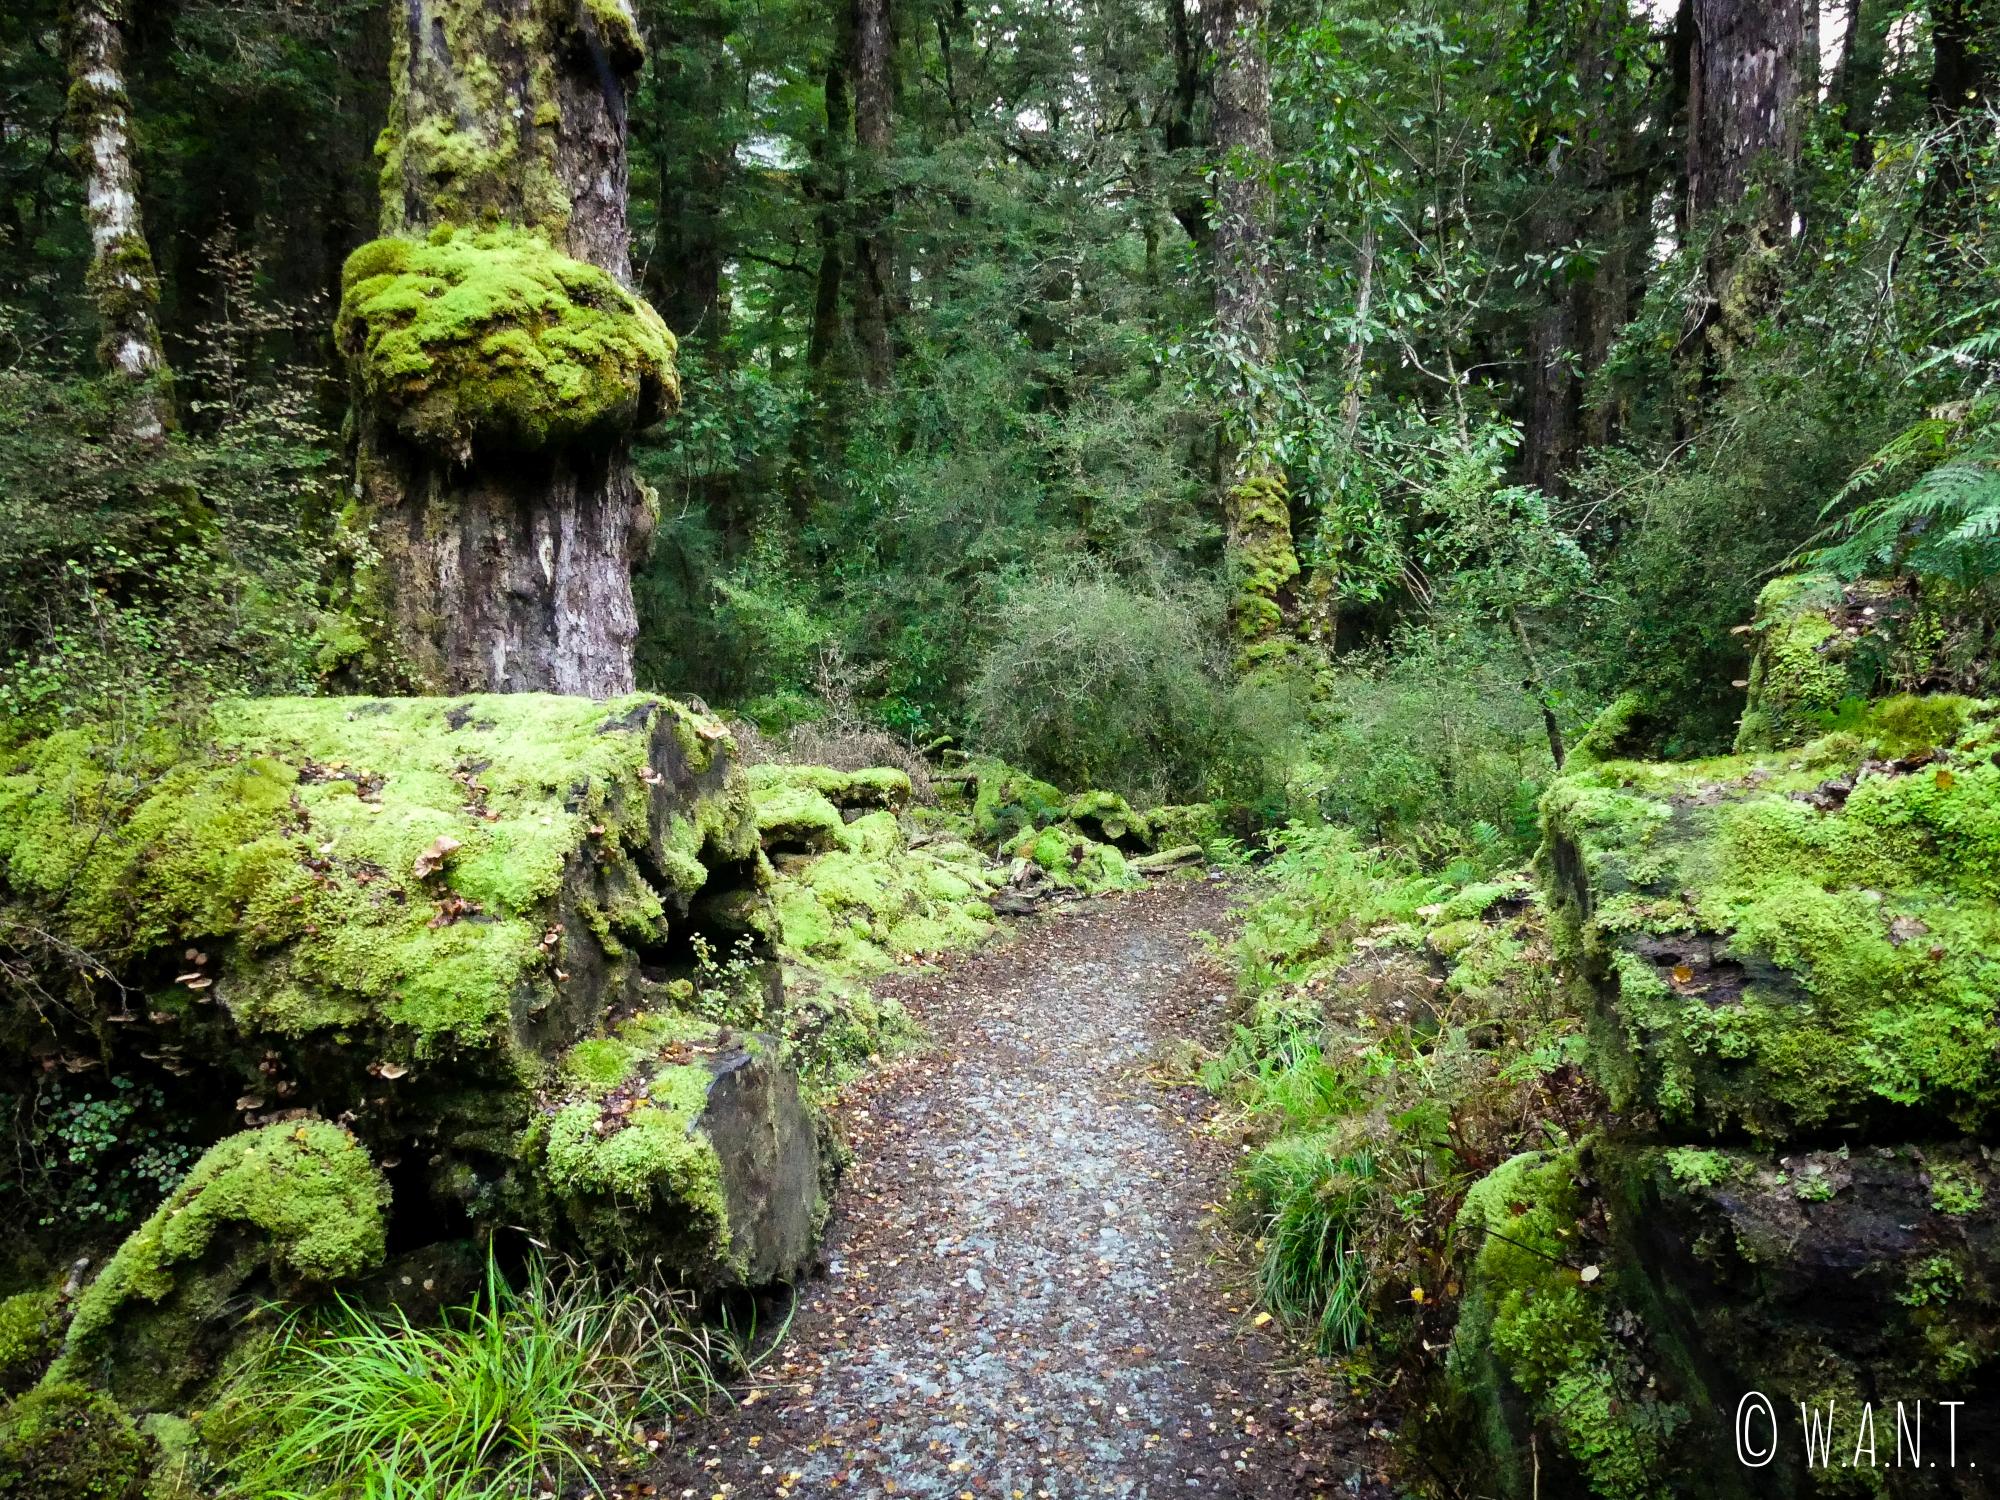 Chemin de la randonnée Gunn Lake dans le Fiordland National Park en Nouvelle-Zélande